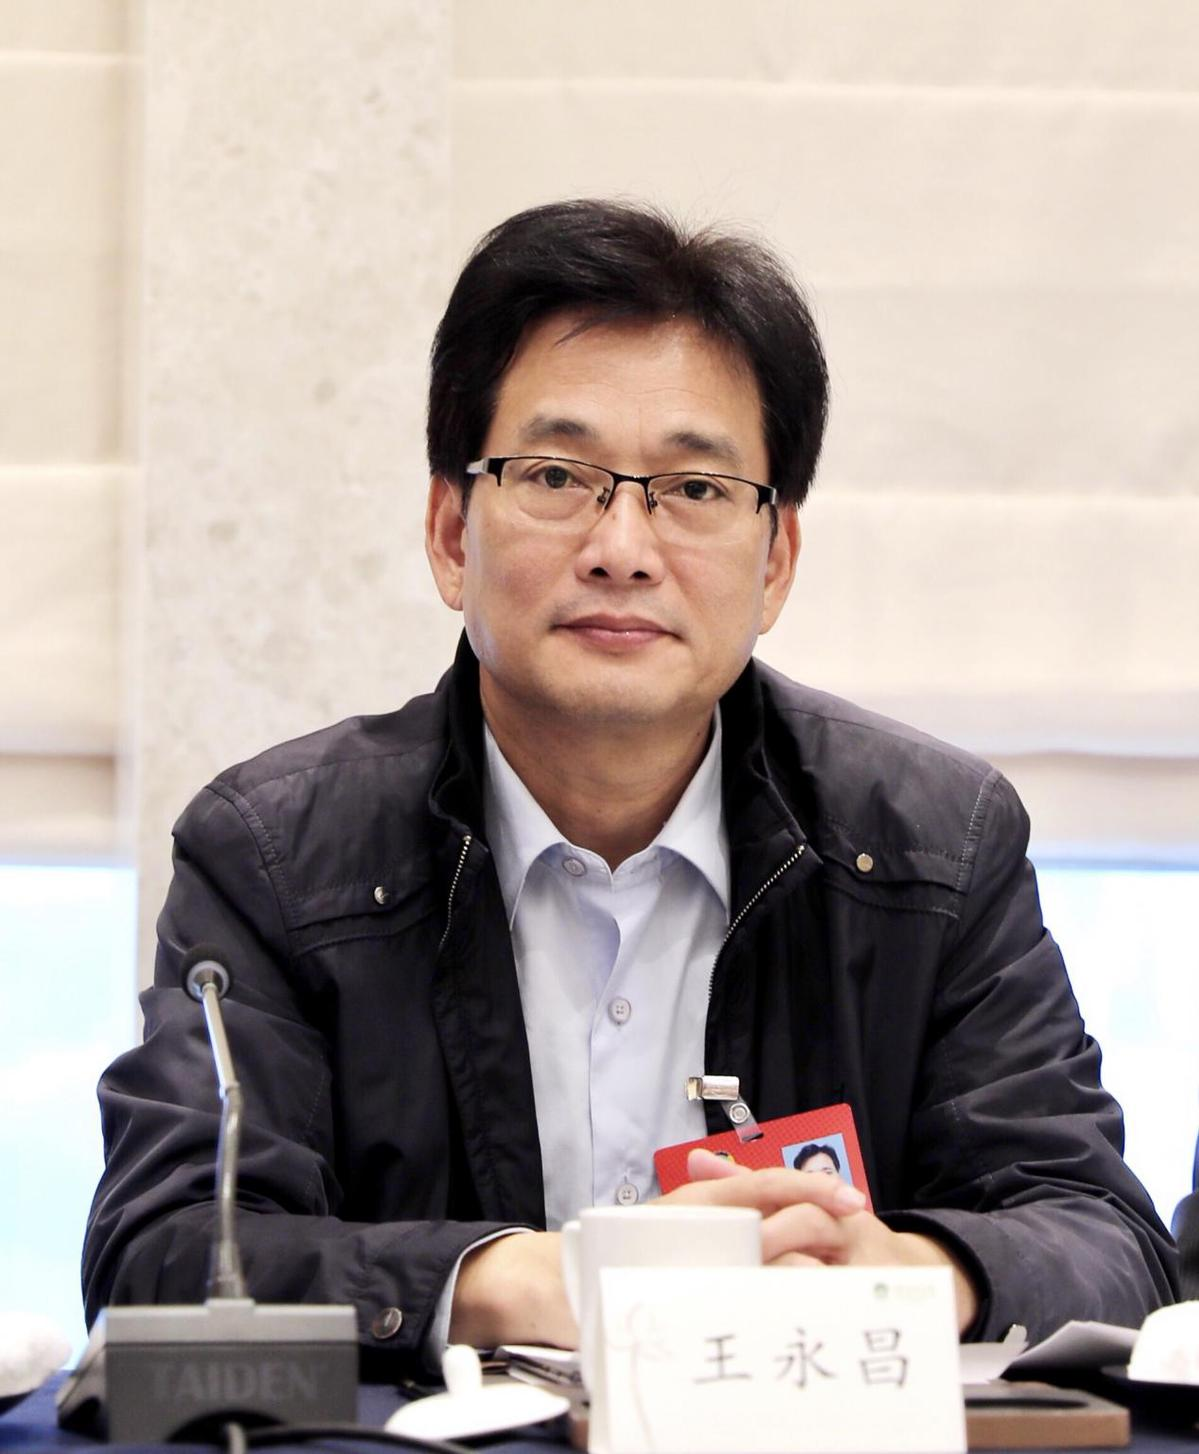 福建省政协委员王永昌:应加大福